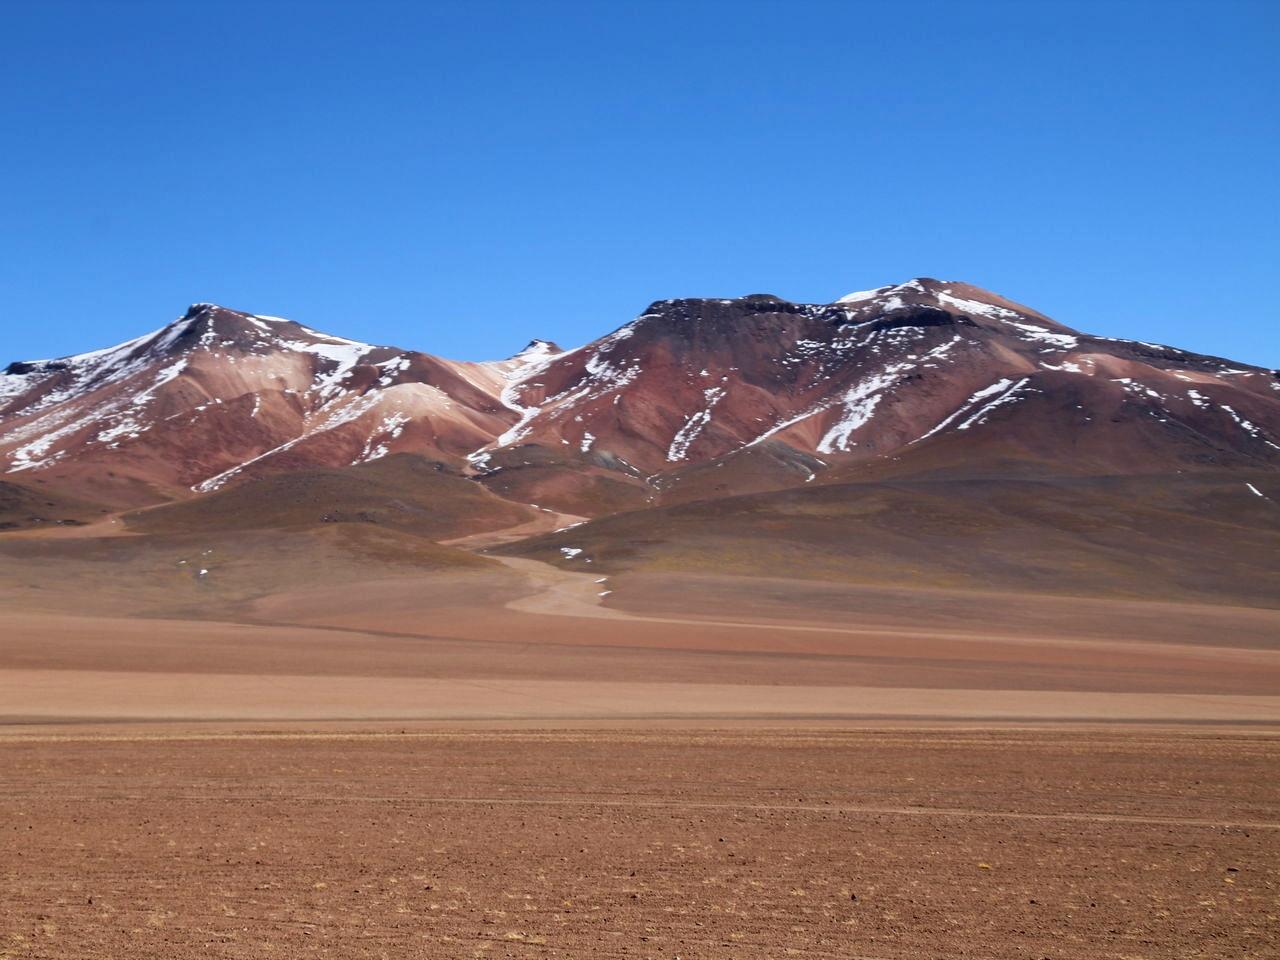 Tour de 3 días por el Salar de Uyuni: desierto de Dalí.